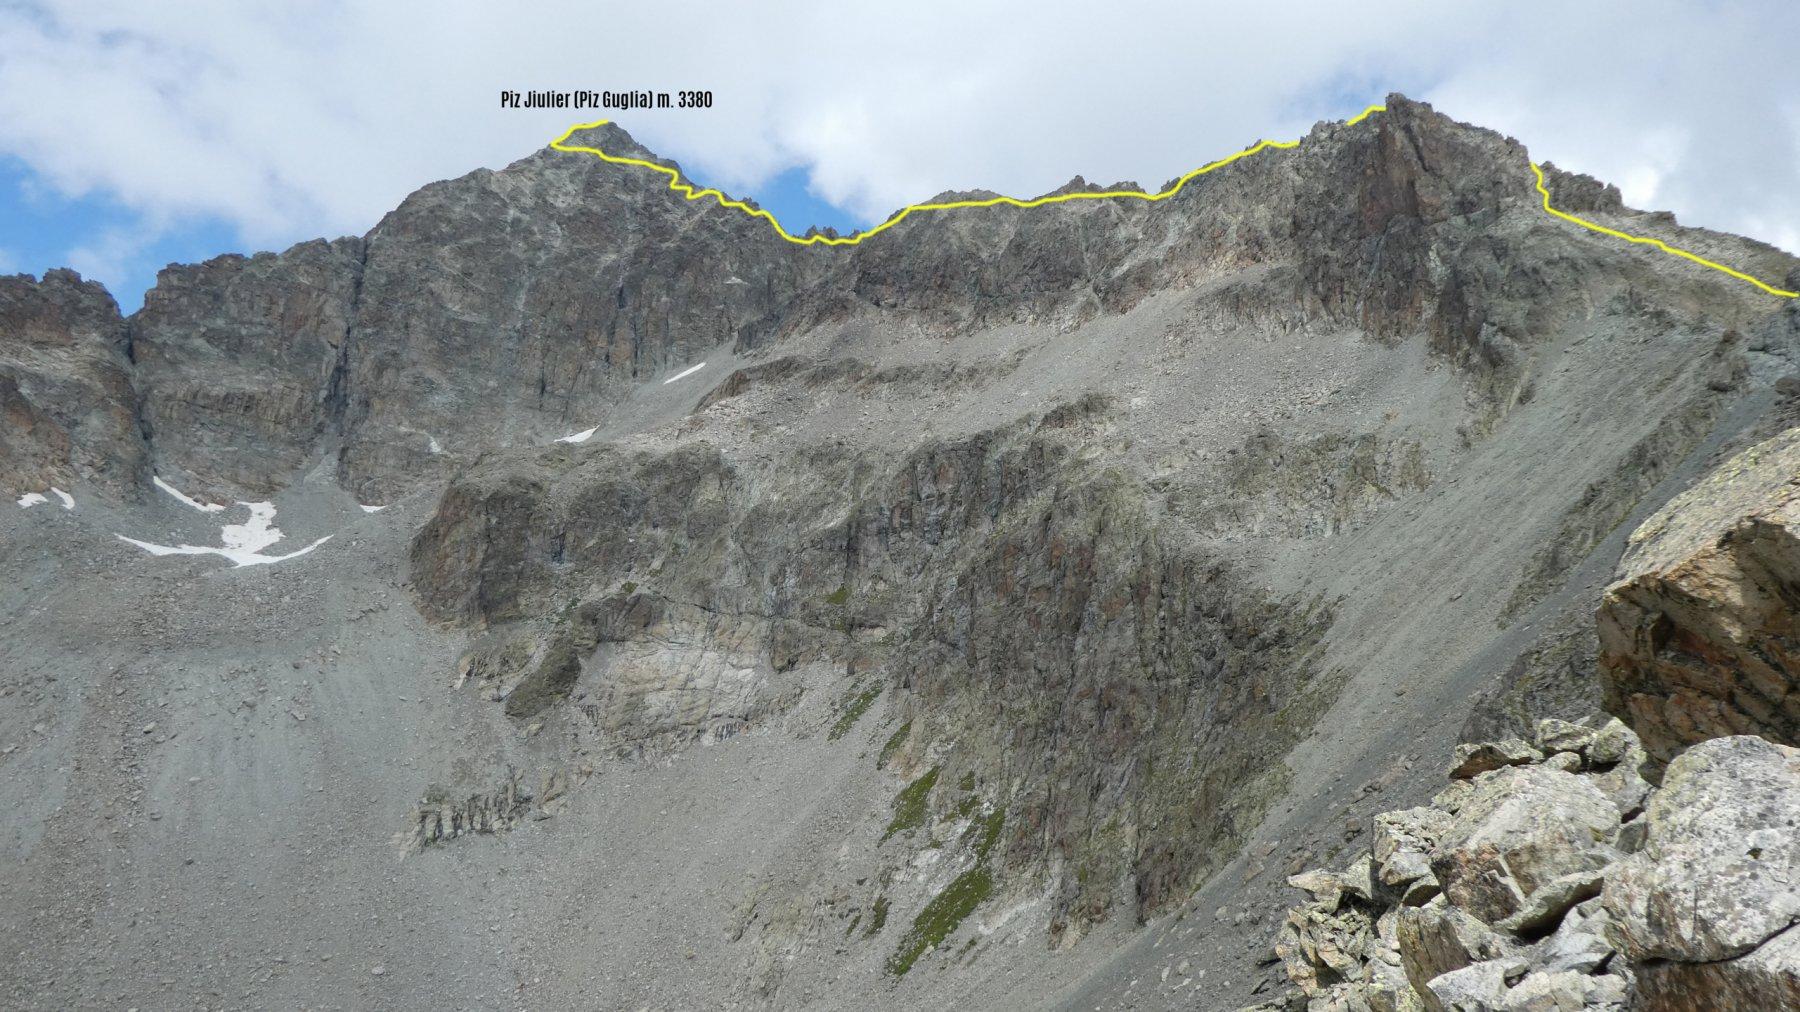 itinerario di cresta da seguire per arrivare in cima al Piz Julier